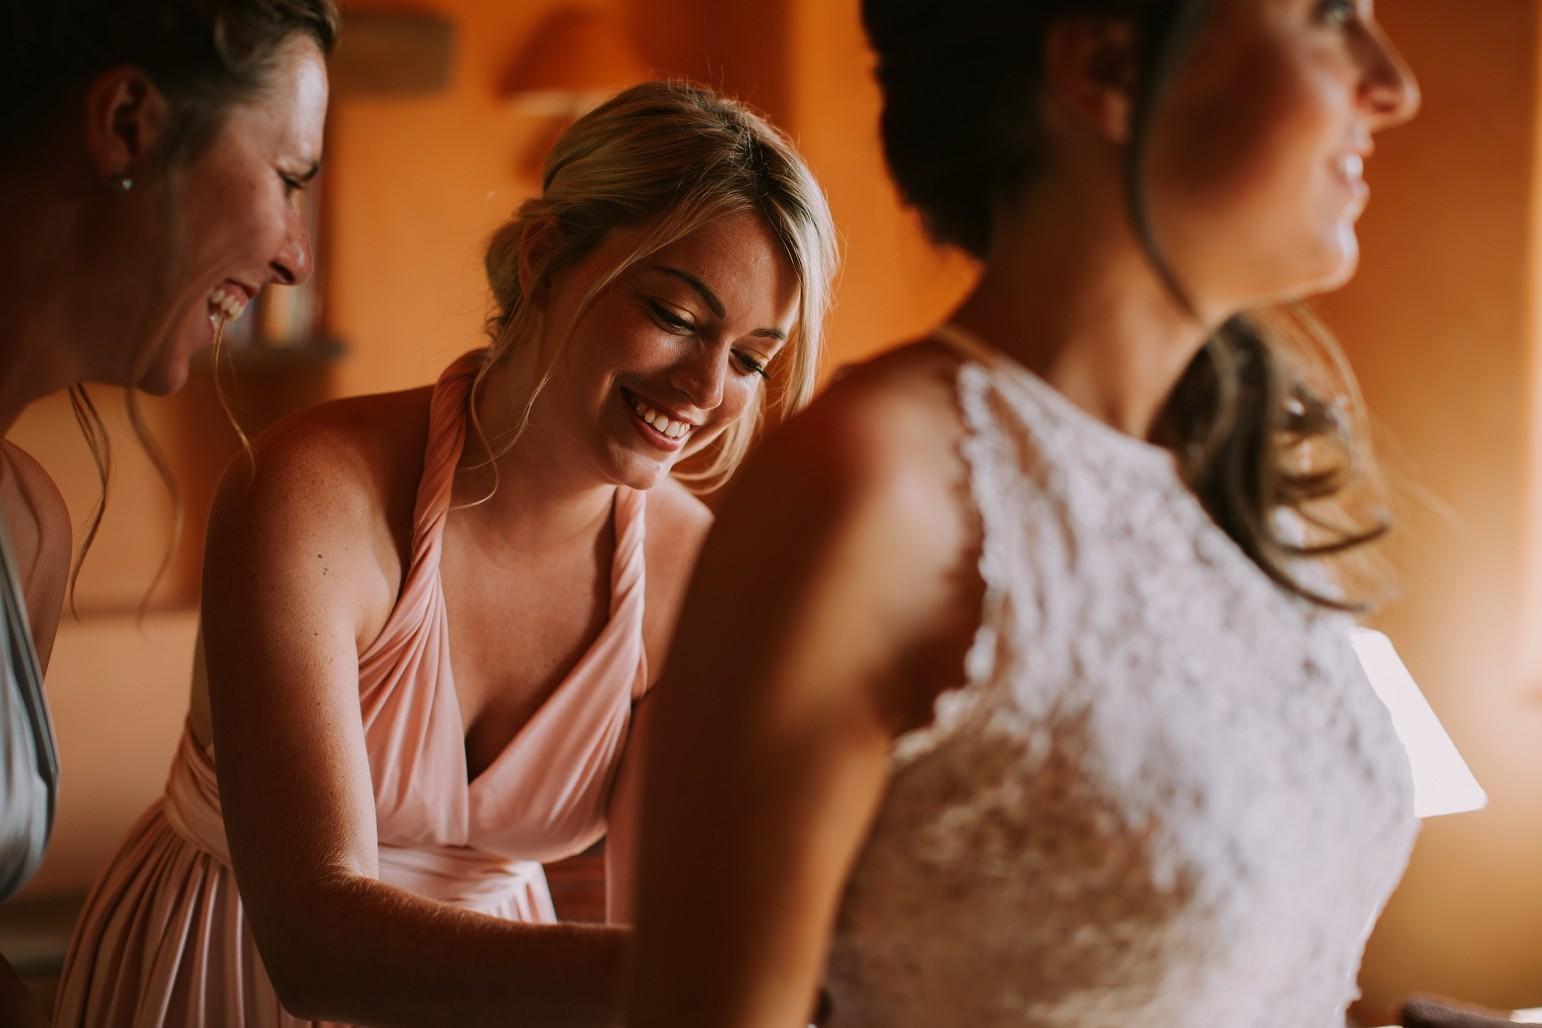 kateryna-photos-mariage-wedding-france-ardeche-domaine-clos-hullias-Saint-Christol-de-Rodière-gard-cevennes_0111.jpg